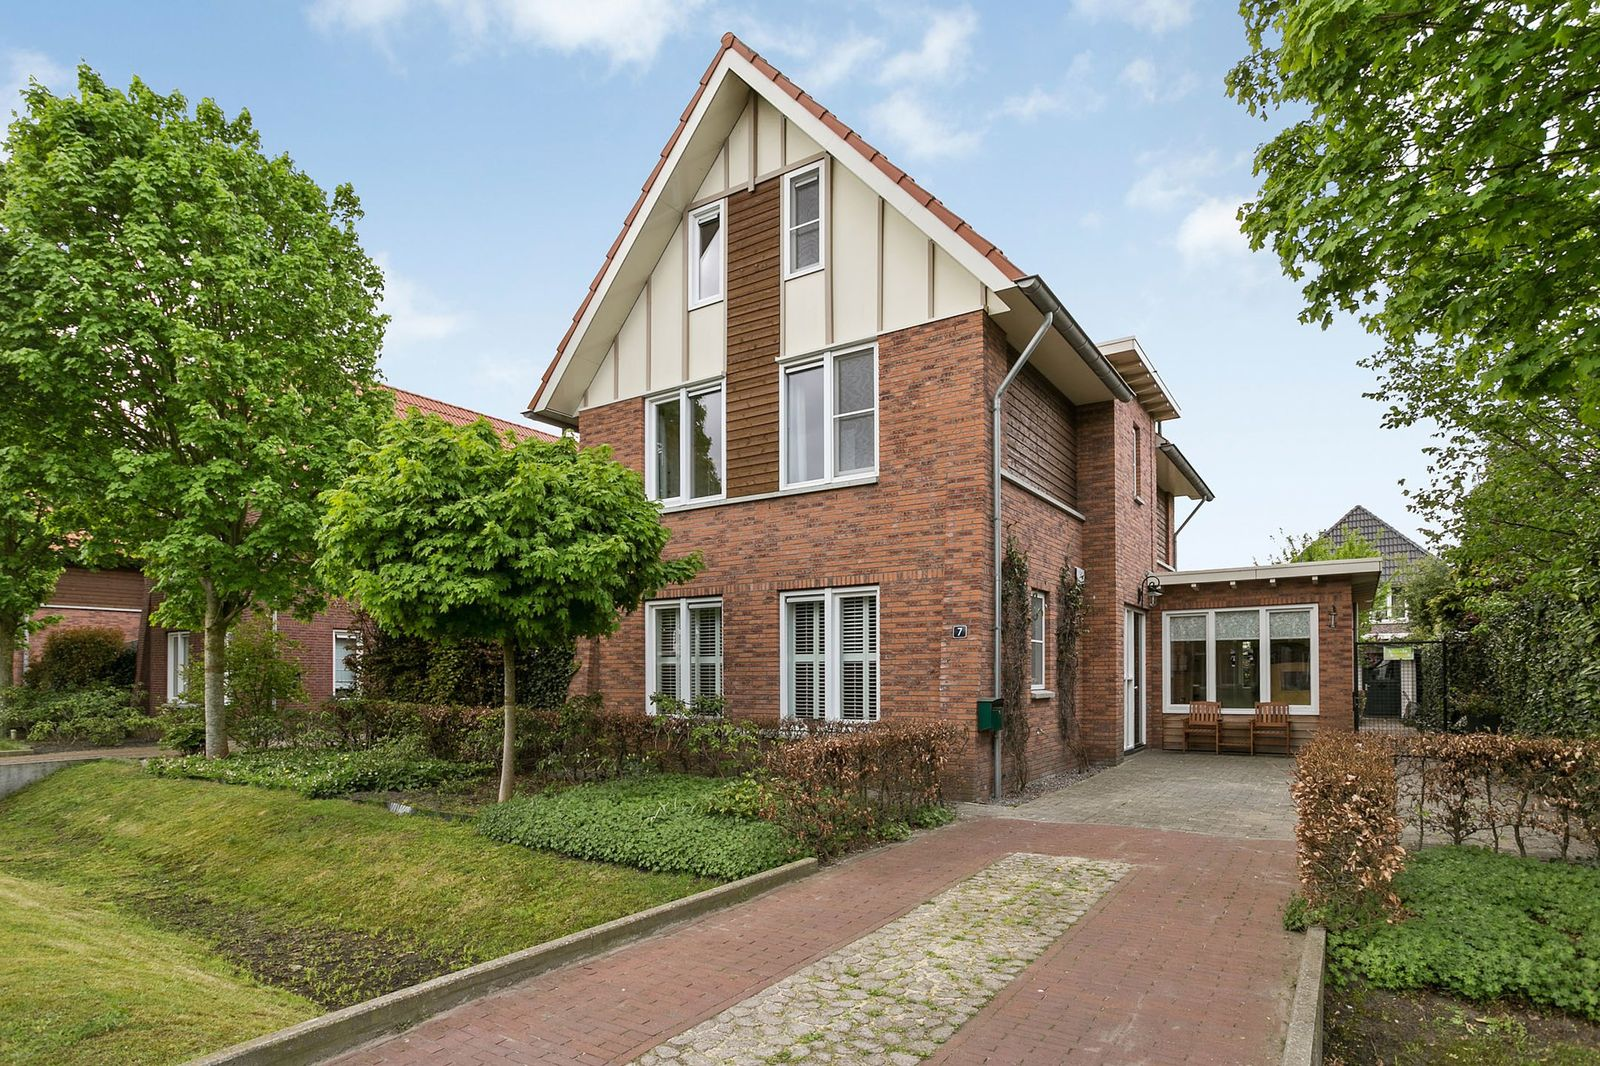 Zuidewijnlaan 7, Roosendaal